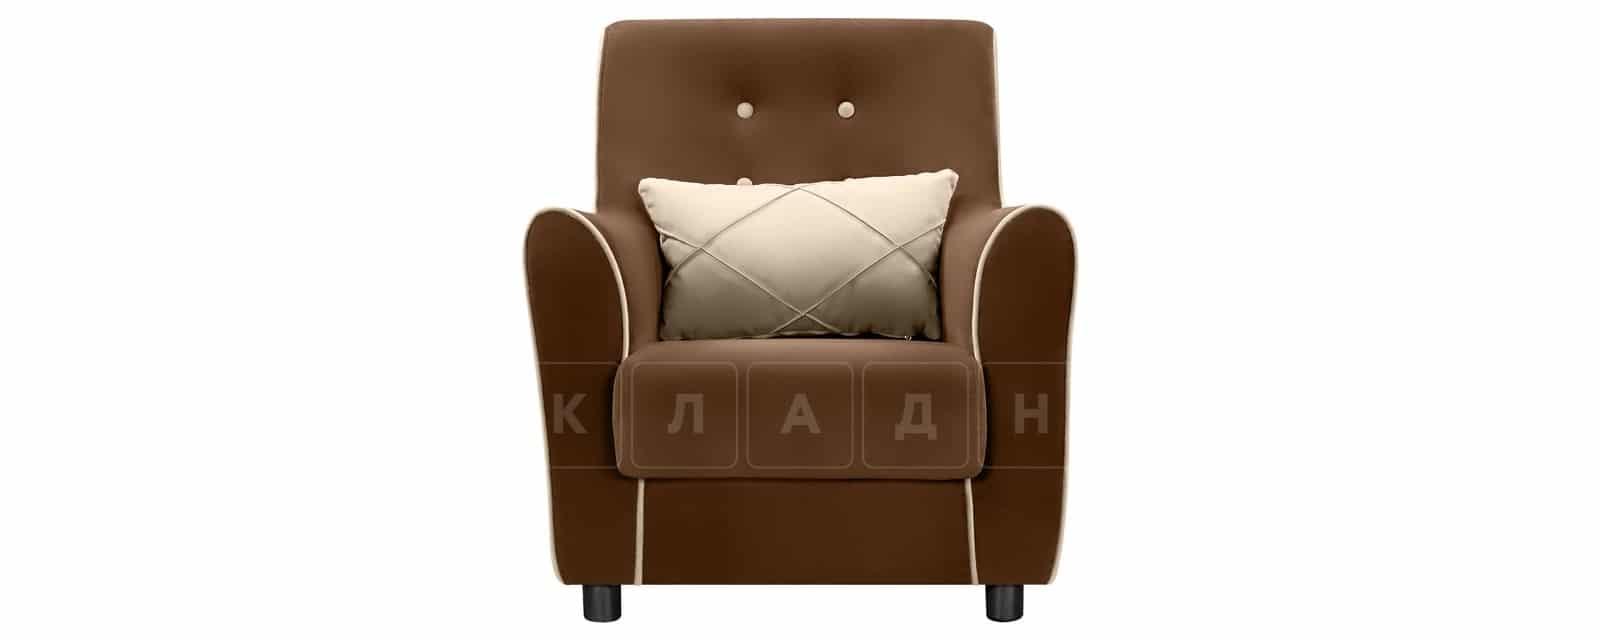 Кресло Флэтфорд велюр коричневый с бежевым кантом фото 2 | интернет-магазин Складно